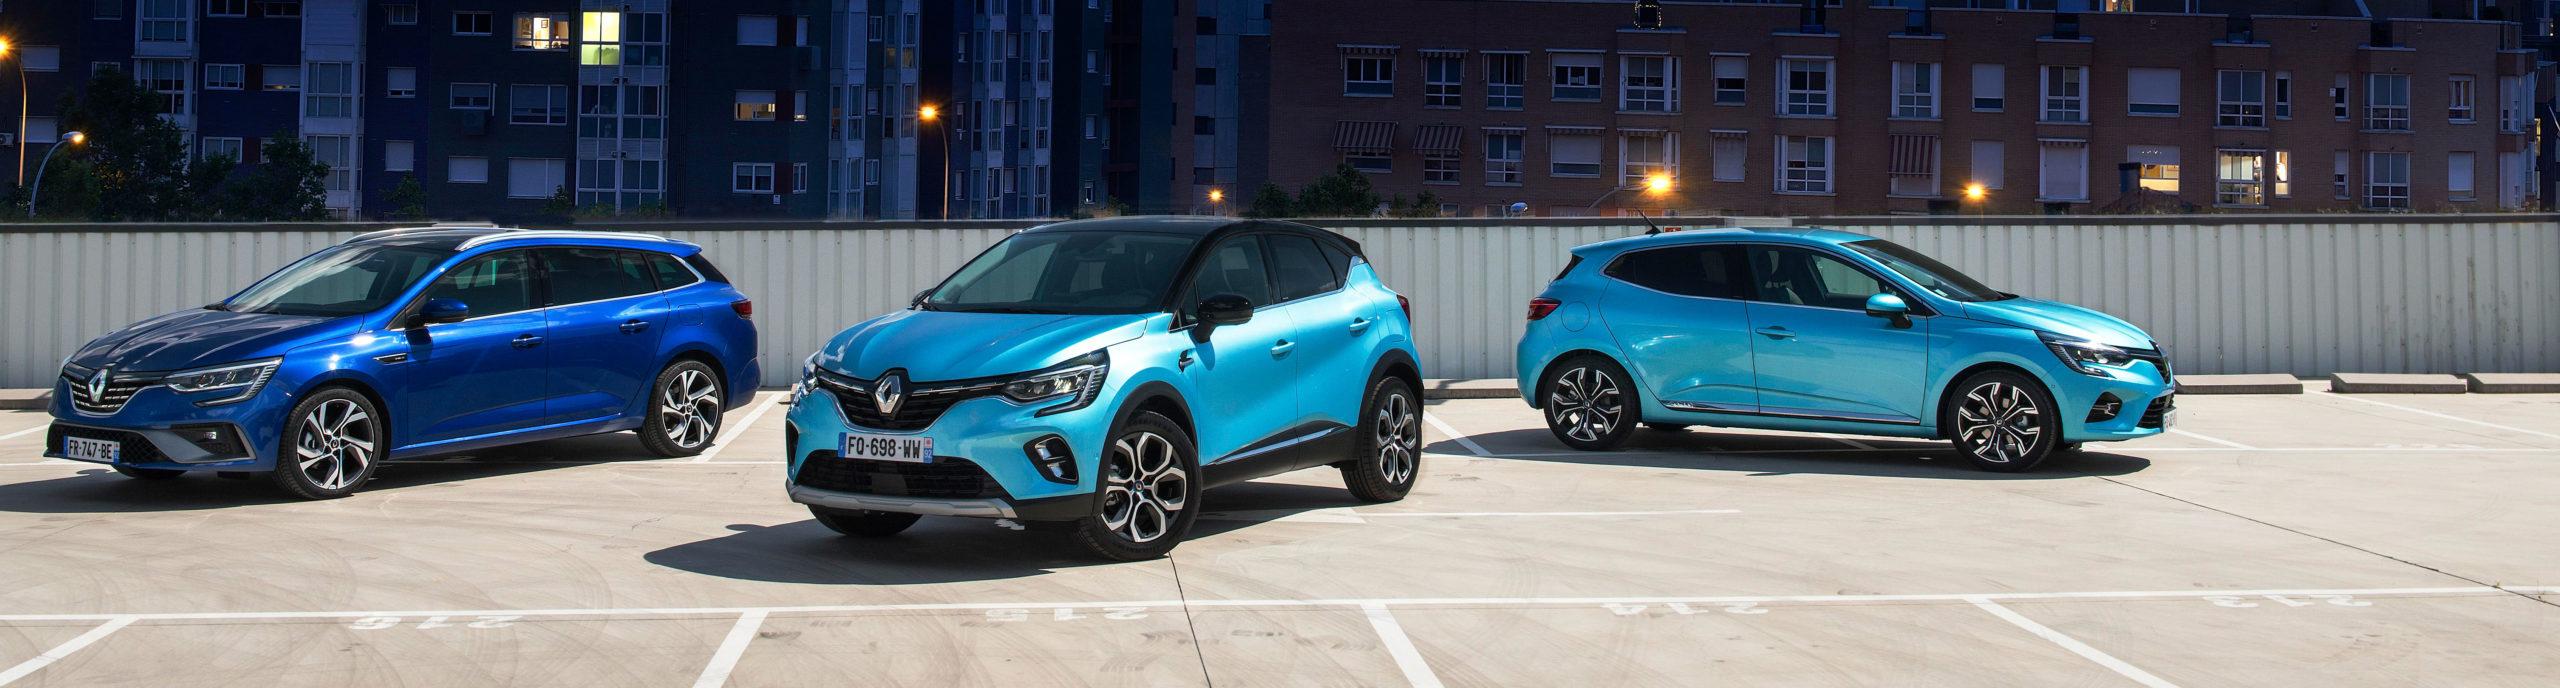 Presentación de la nueva gama e-Tech de Renault